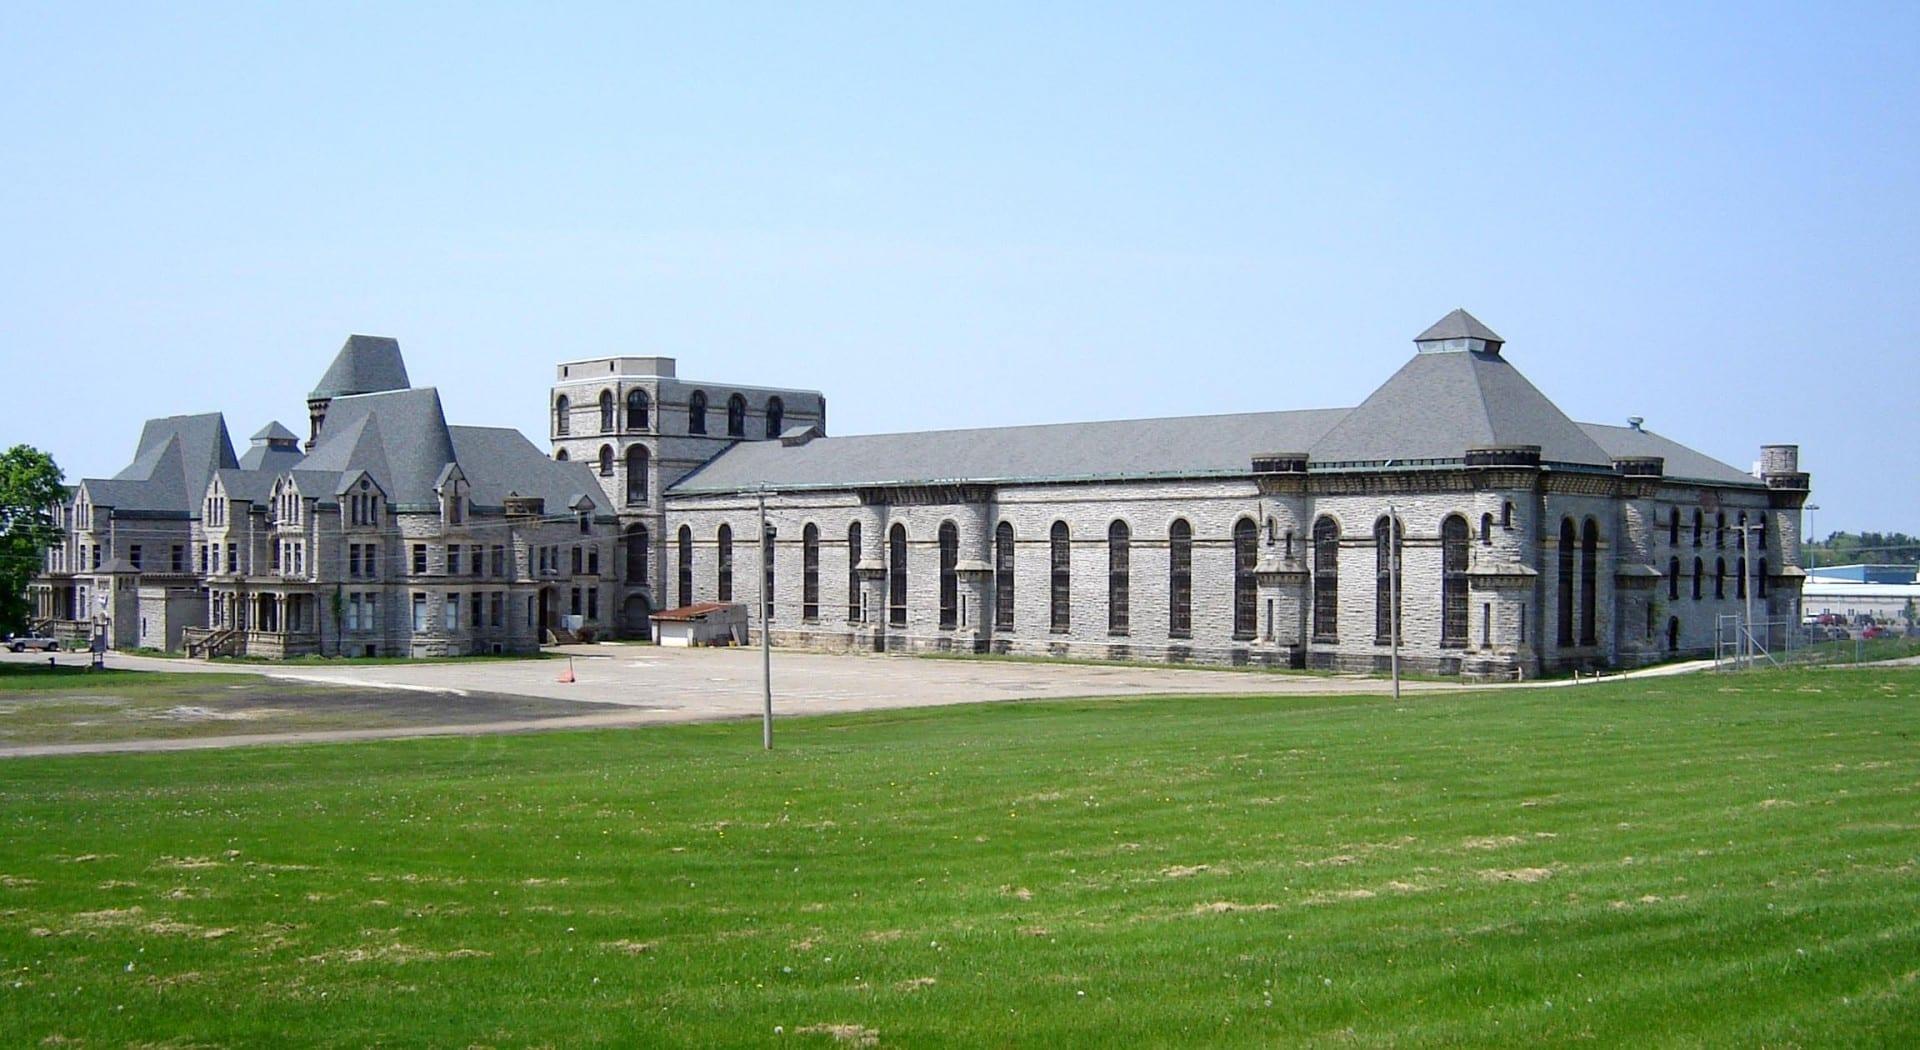 El reformatorio Mansfield OH Estados Unidos